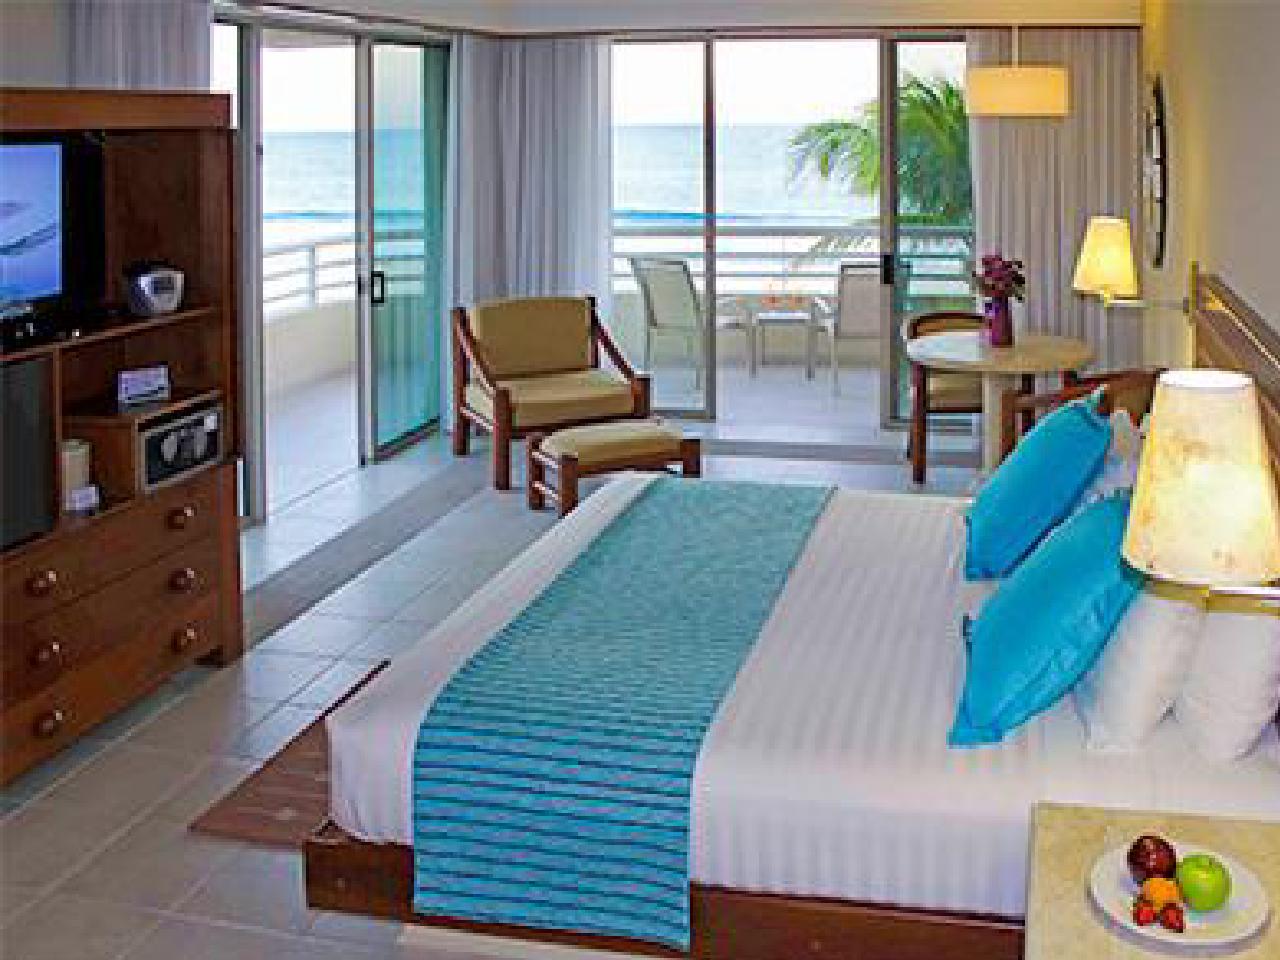 Bodas en la playa habitación de hotel